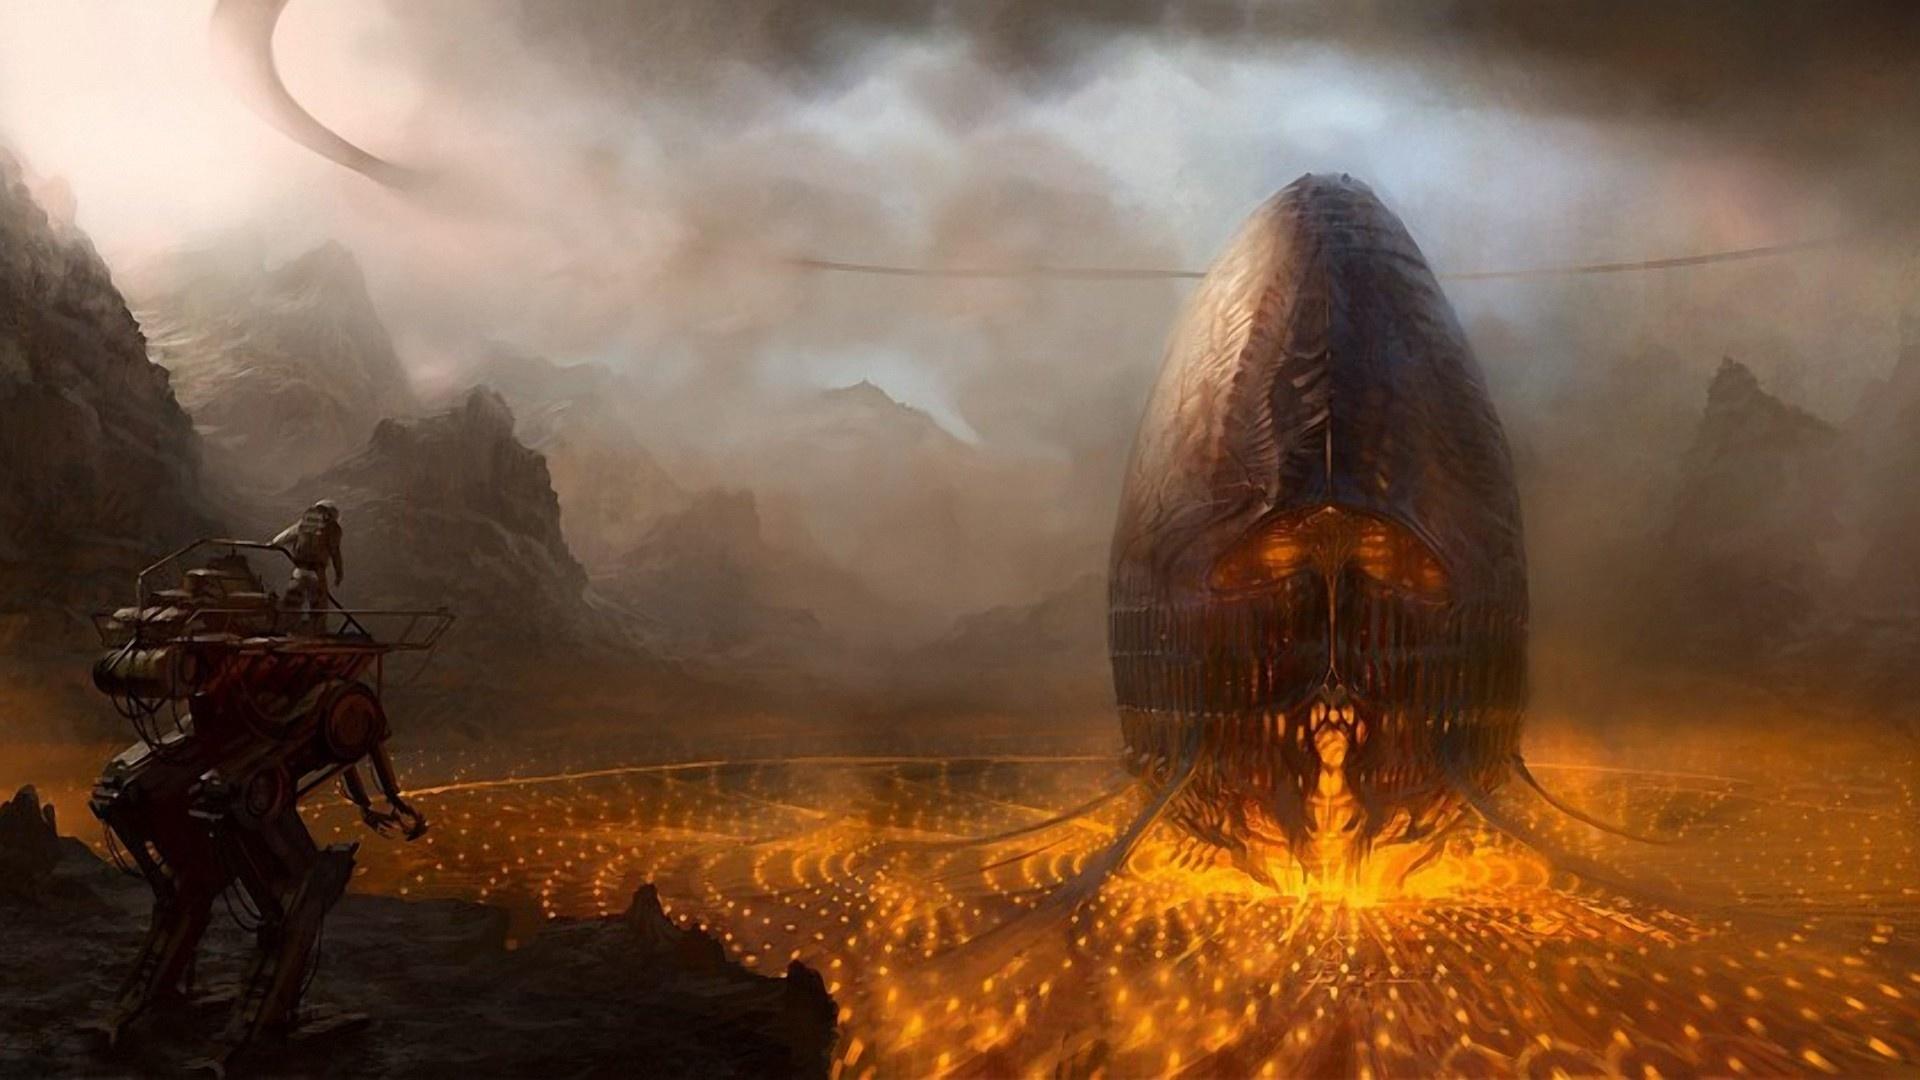 Alien Planet Art Picture